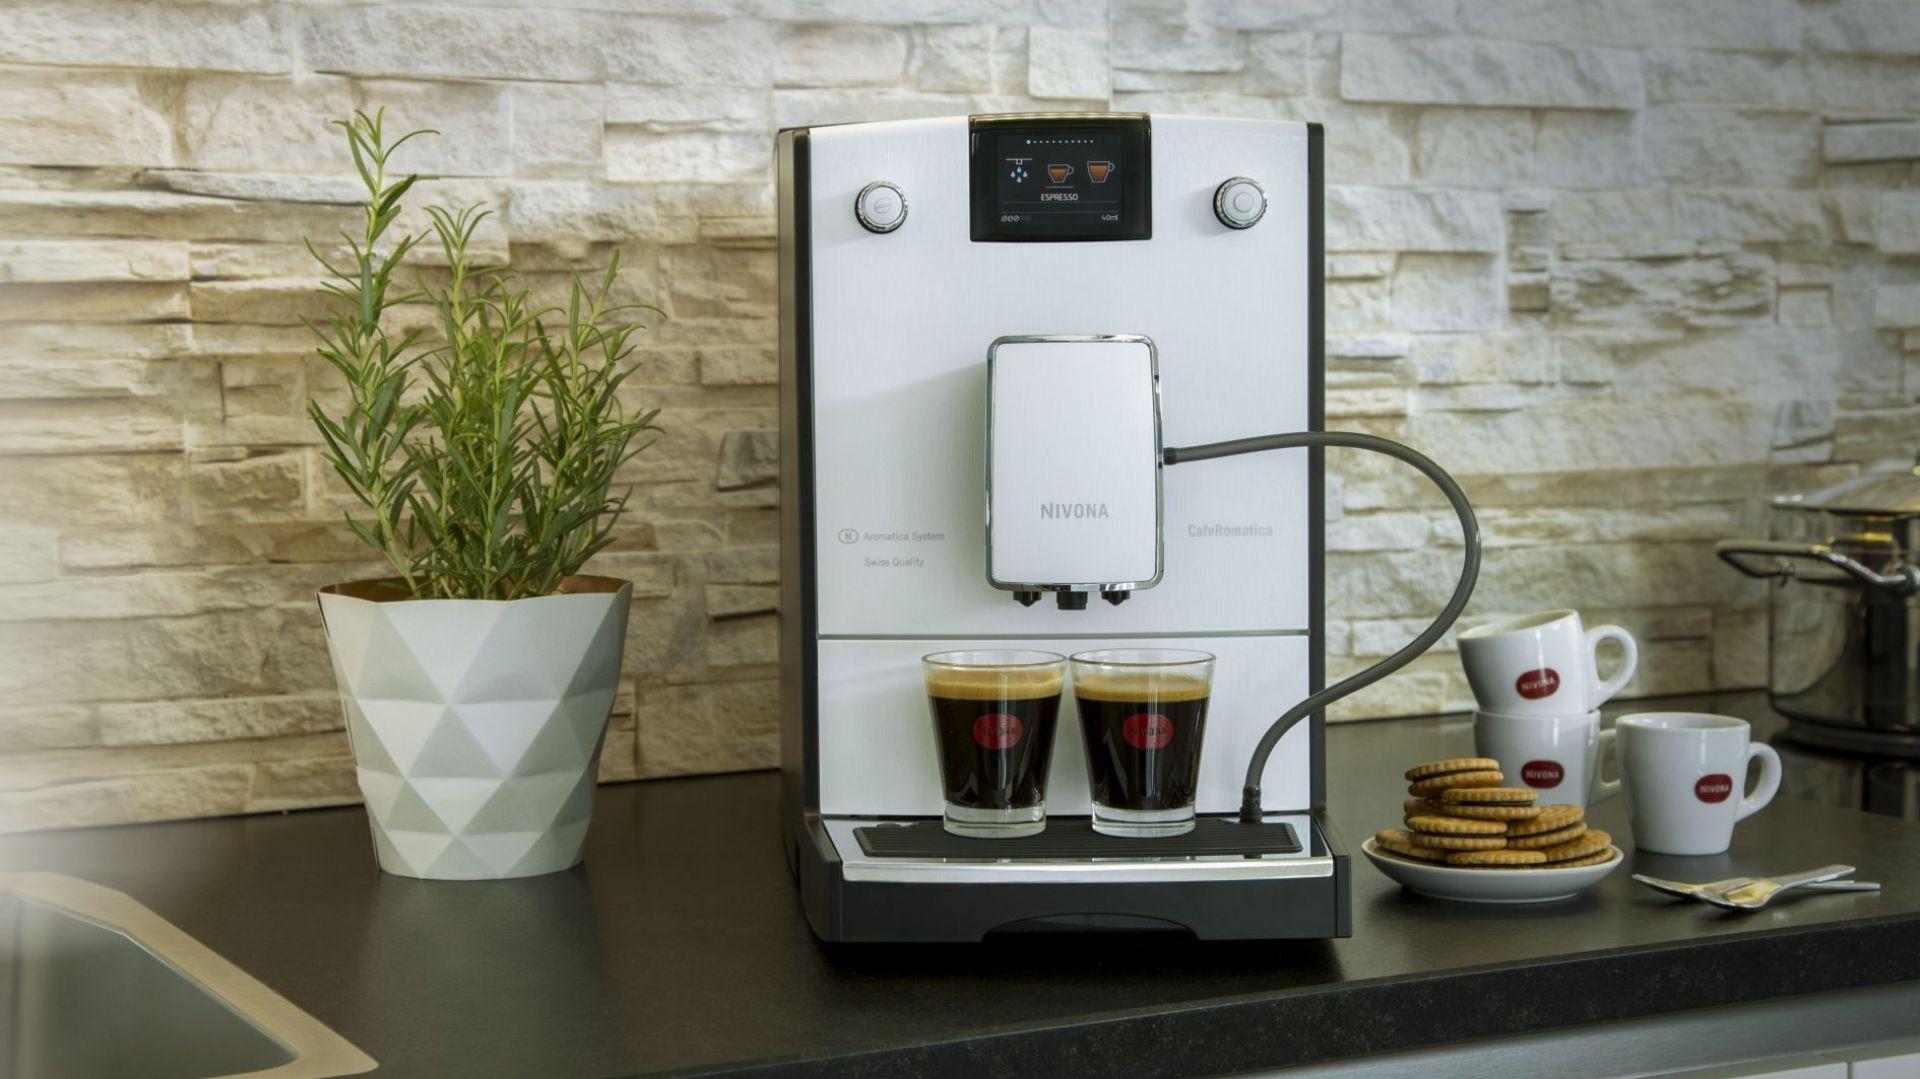 Kawa w wielkomiejskim stylu. Ekspres CafeRomatica serii 7. Fot. Nivona